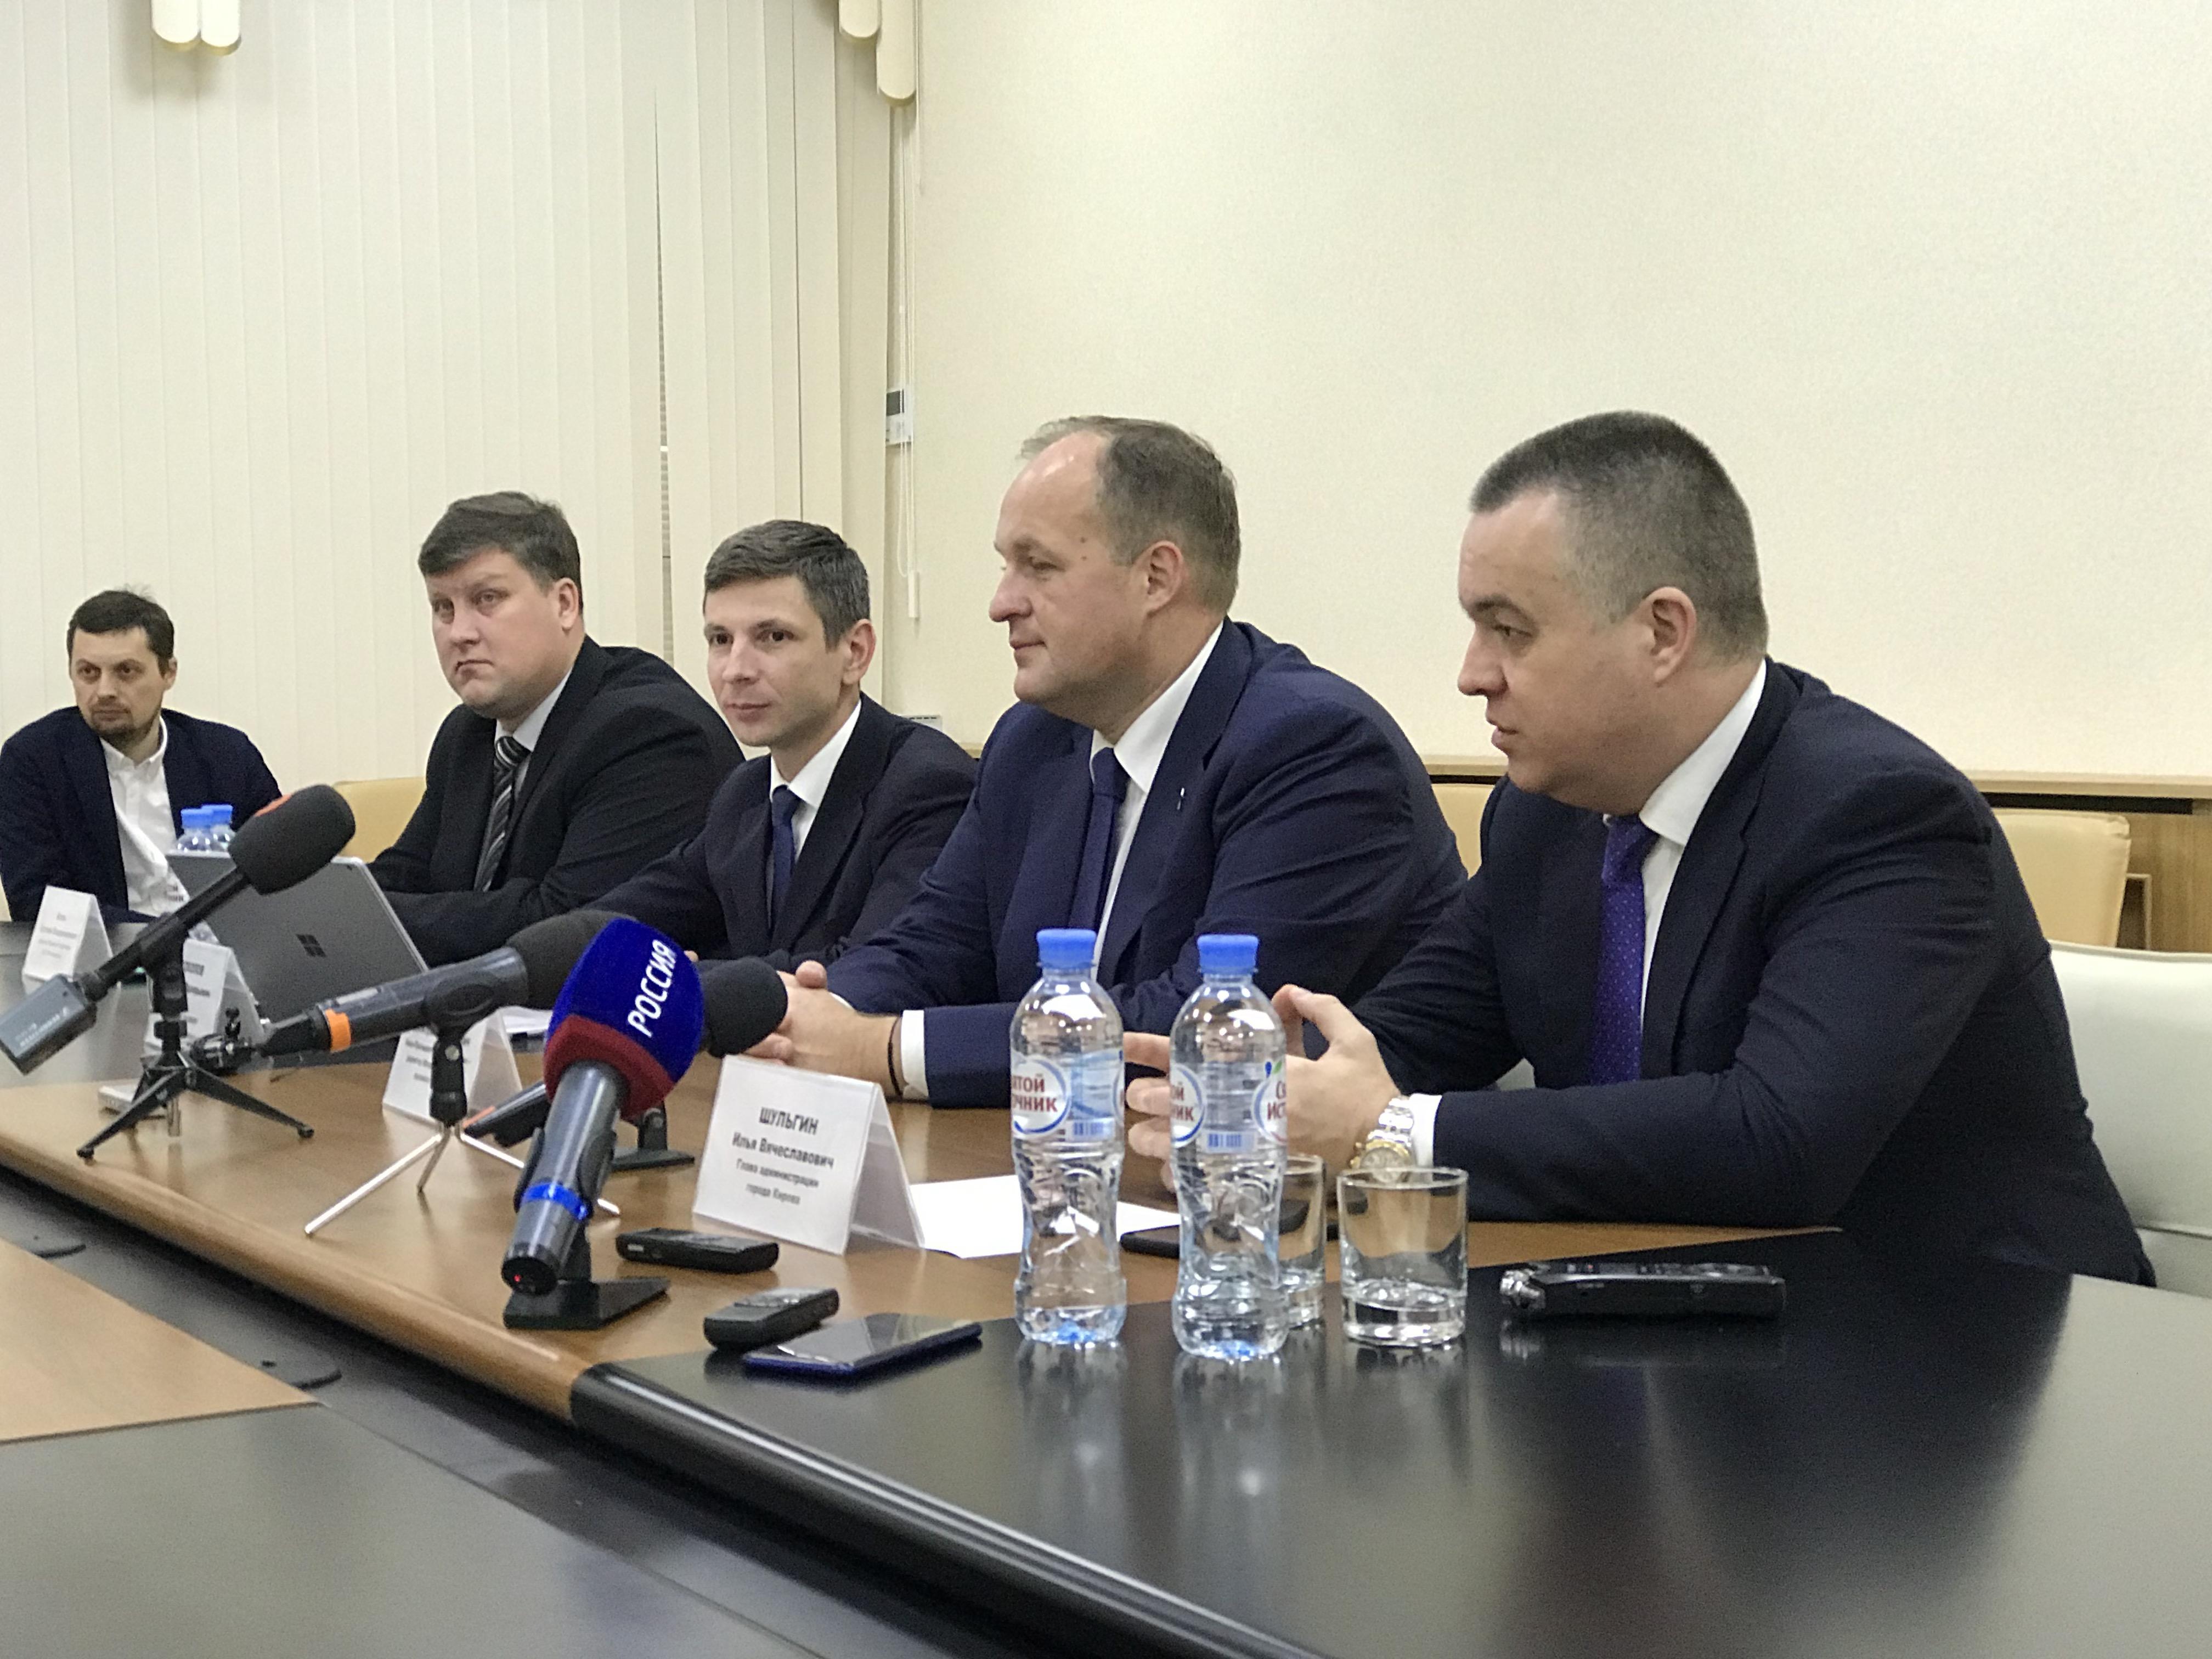 В Кирове заключен энергосервисный контракт: в таком масштабе он будет реализован впервые в России